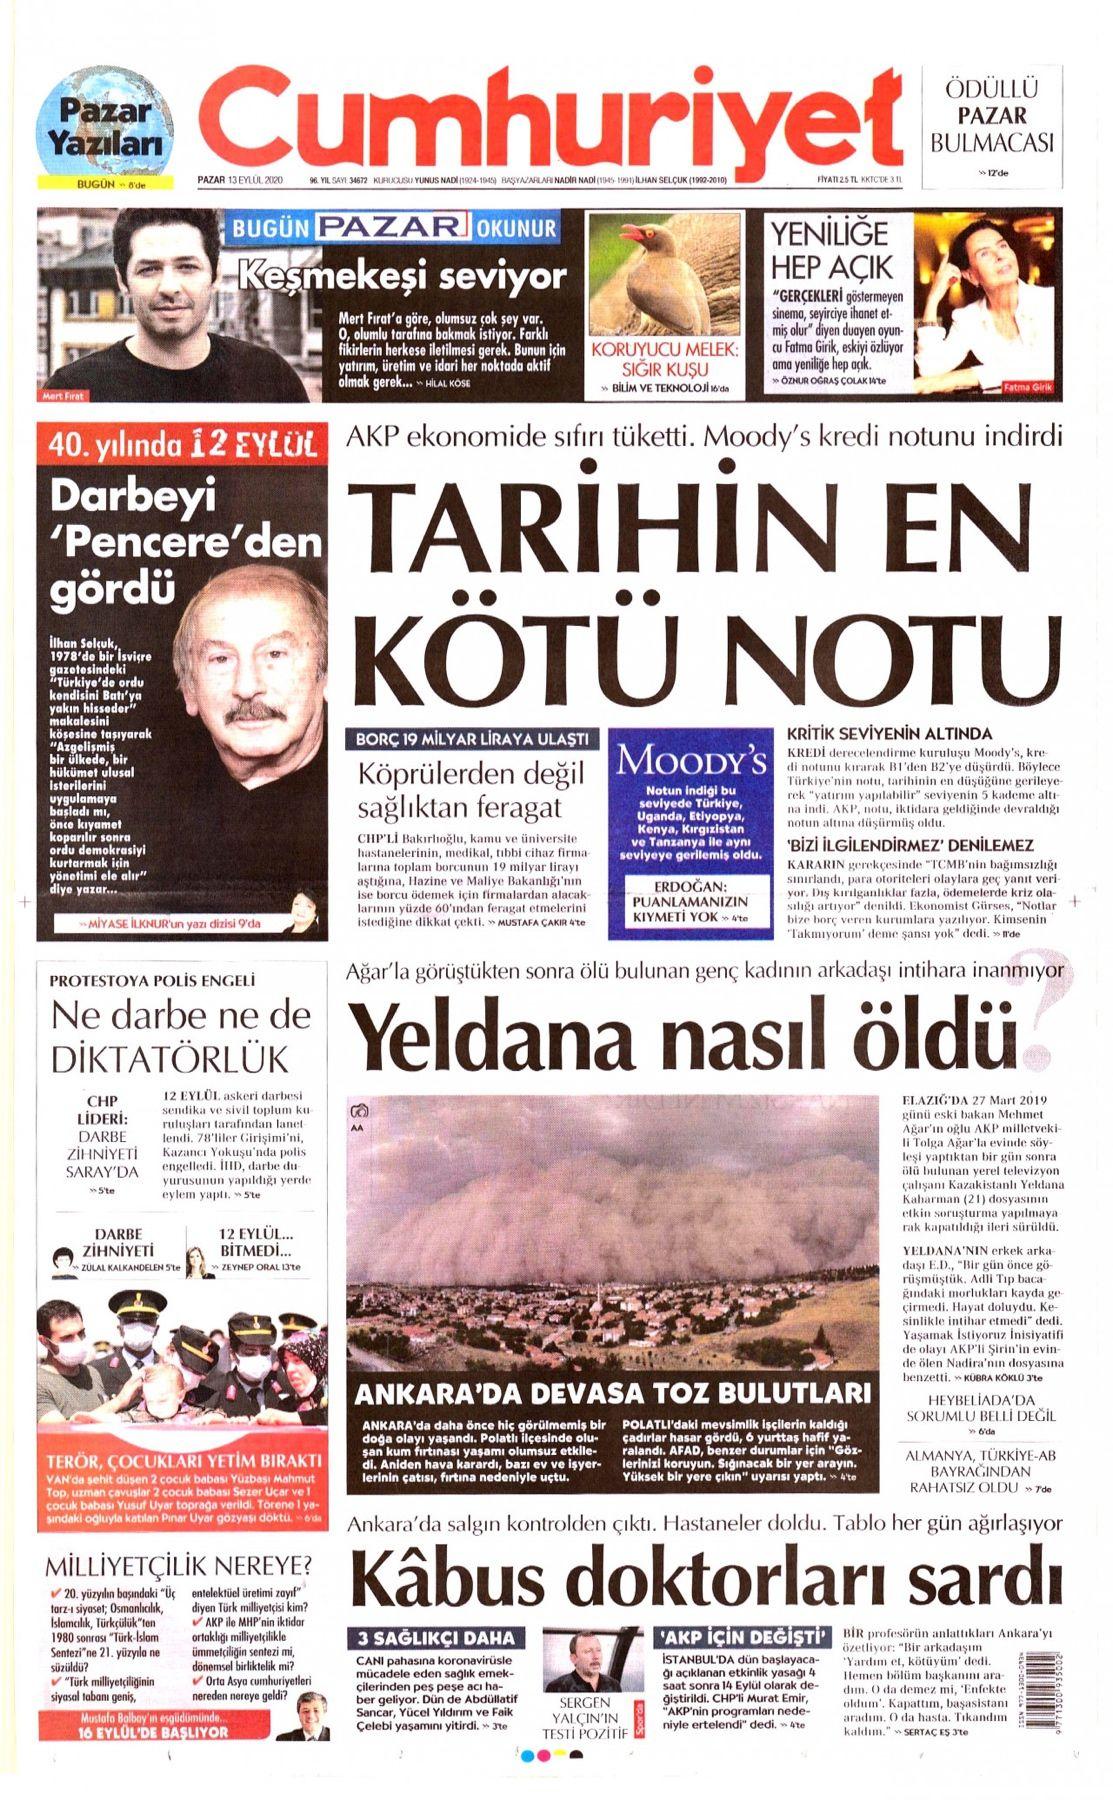 Cumhuriyet Gazetesi 1. Sayfa - 13 Eylül 2020 #CumhuriyetGazetesi  #gazetebirincisayfaları #gazetemanşetleri #alaturka…